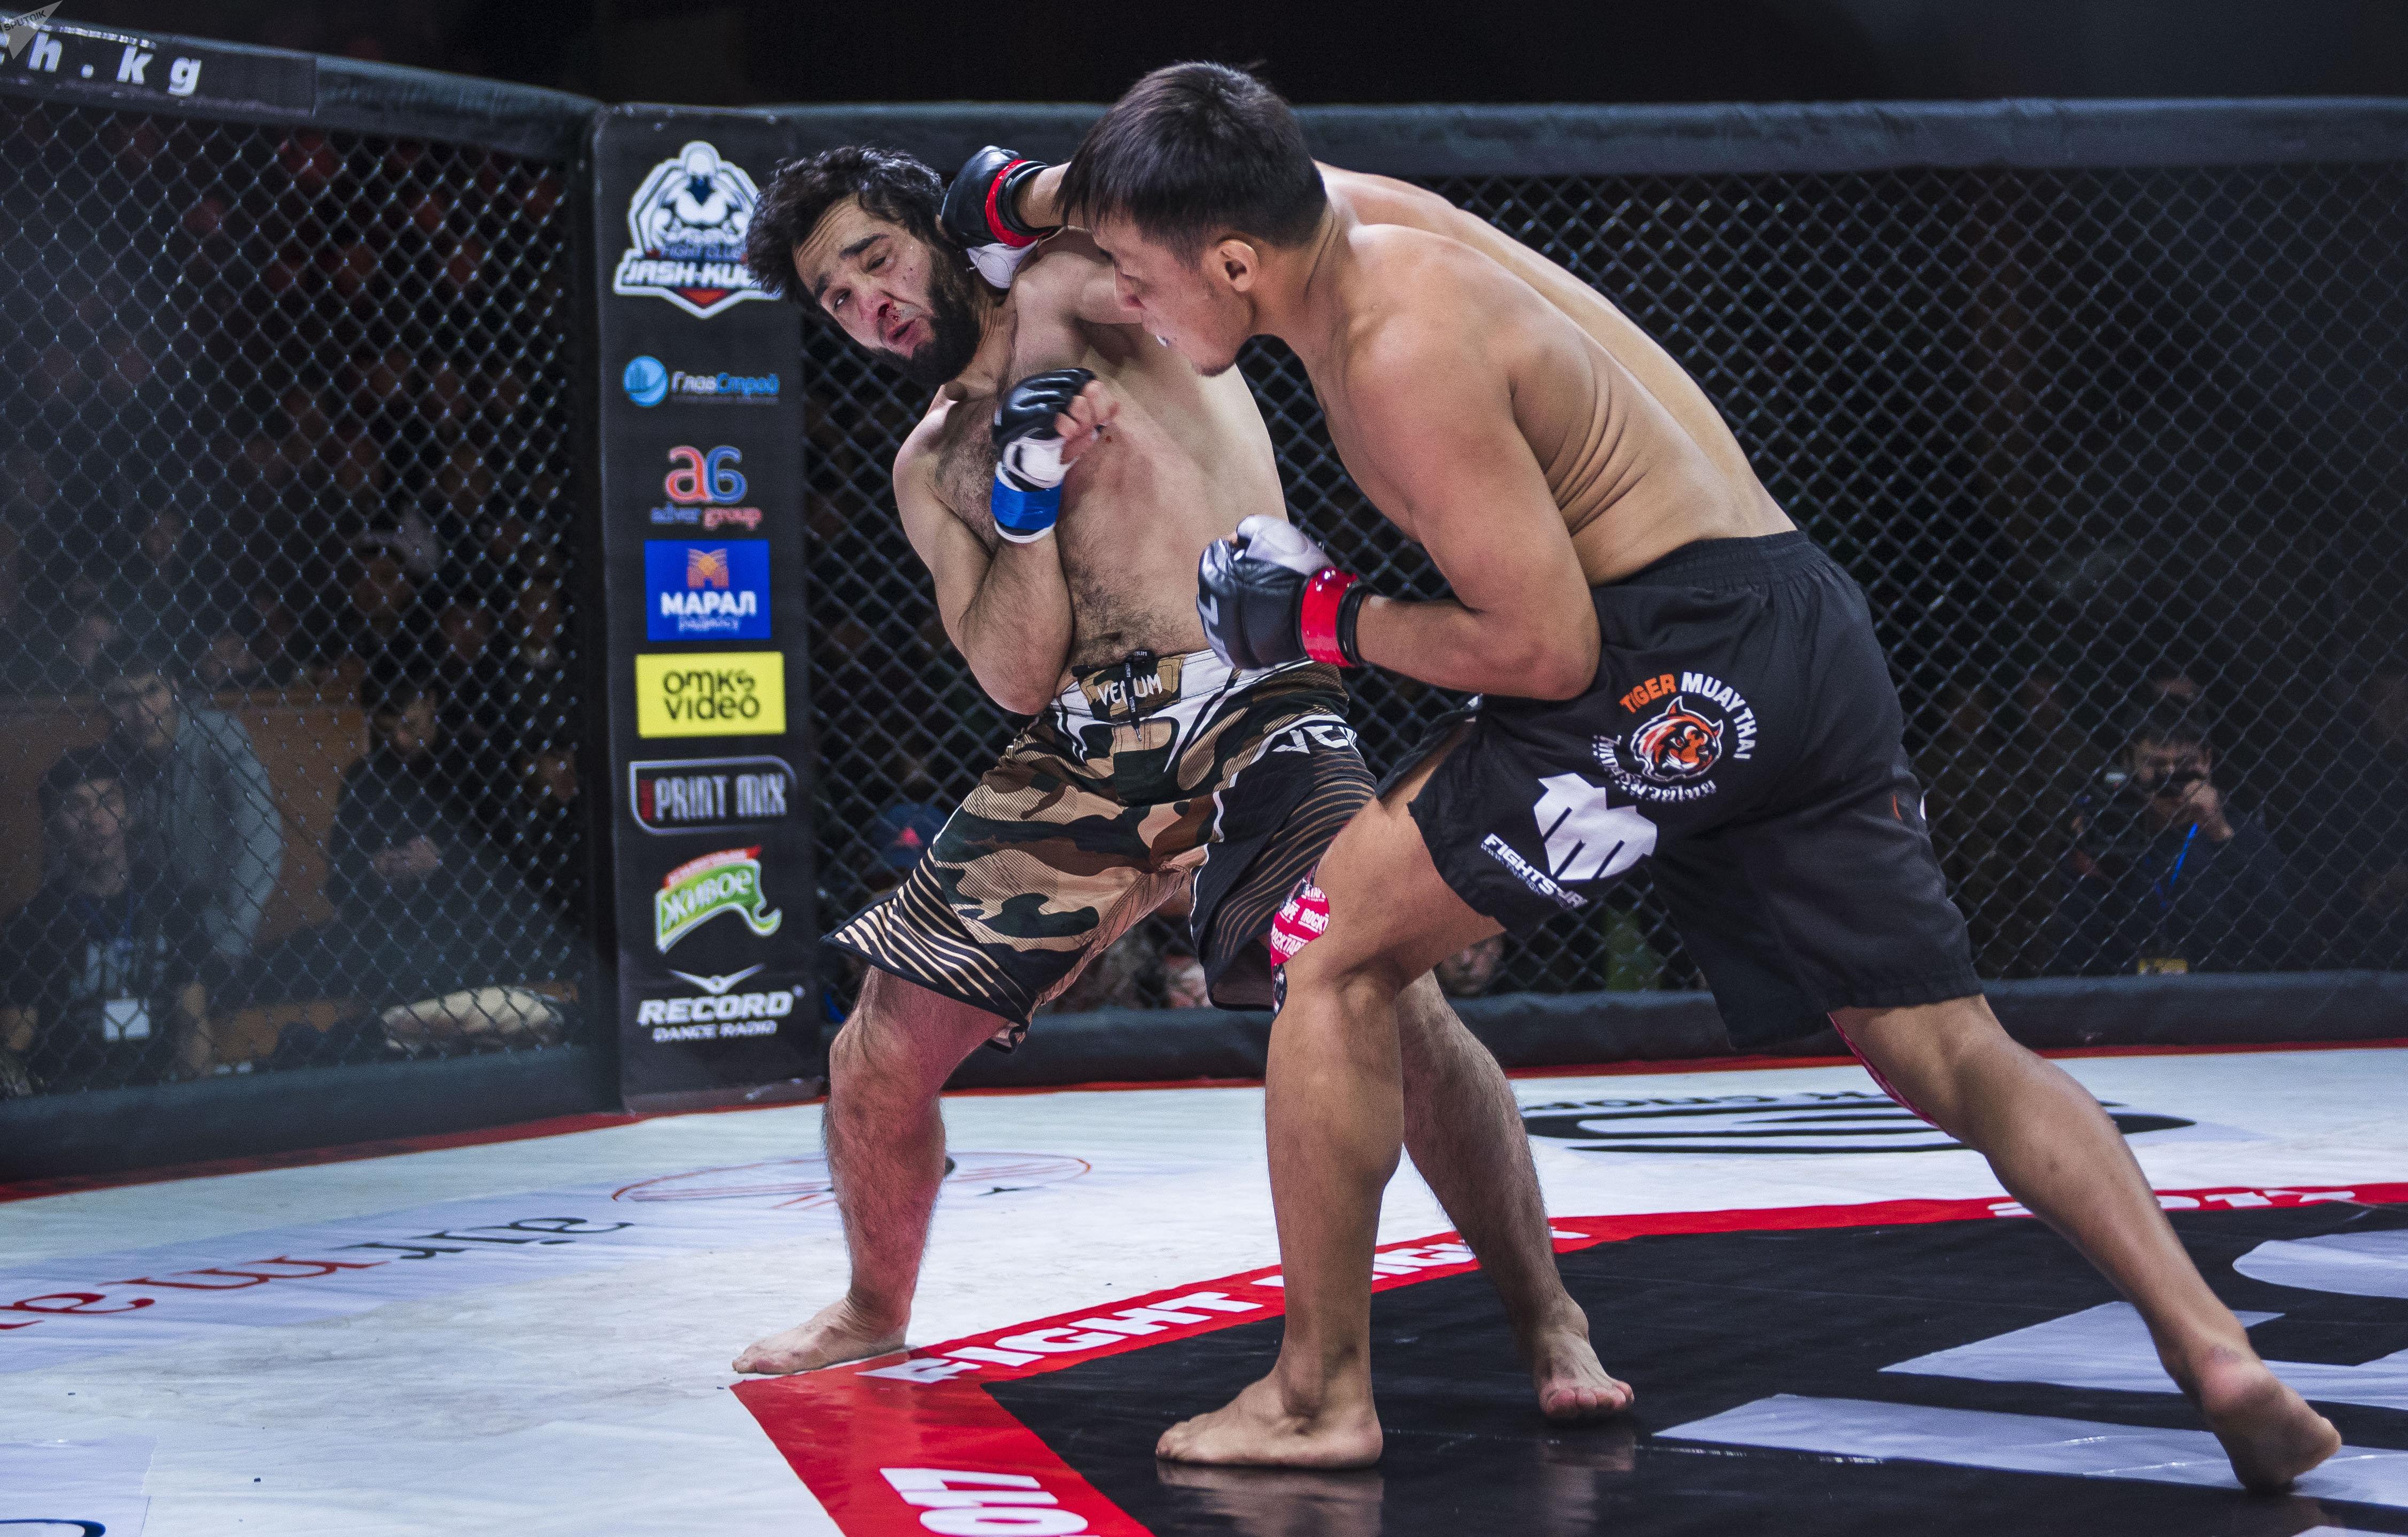 Бойцы по боям без правил кыргызстанец Бахтияр Тойчубаев и  спортсмен из Чечни Ибрагим Бахромов на турнире JFC MMA 3 в Бишкеке